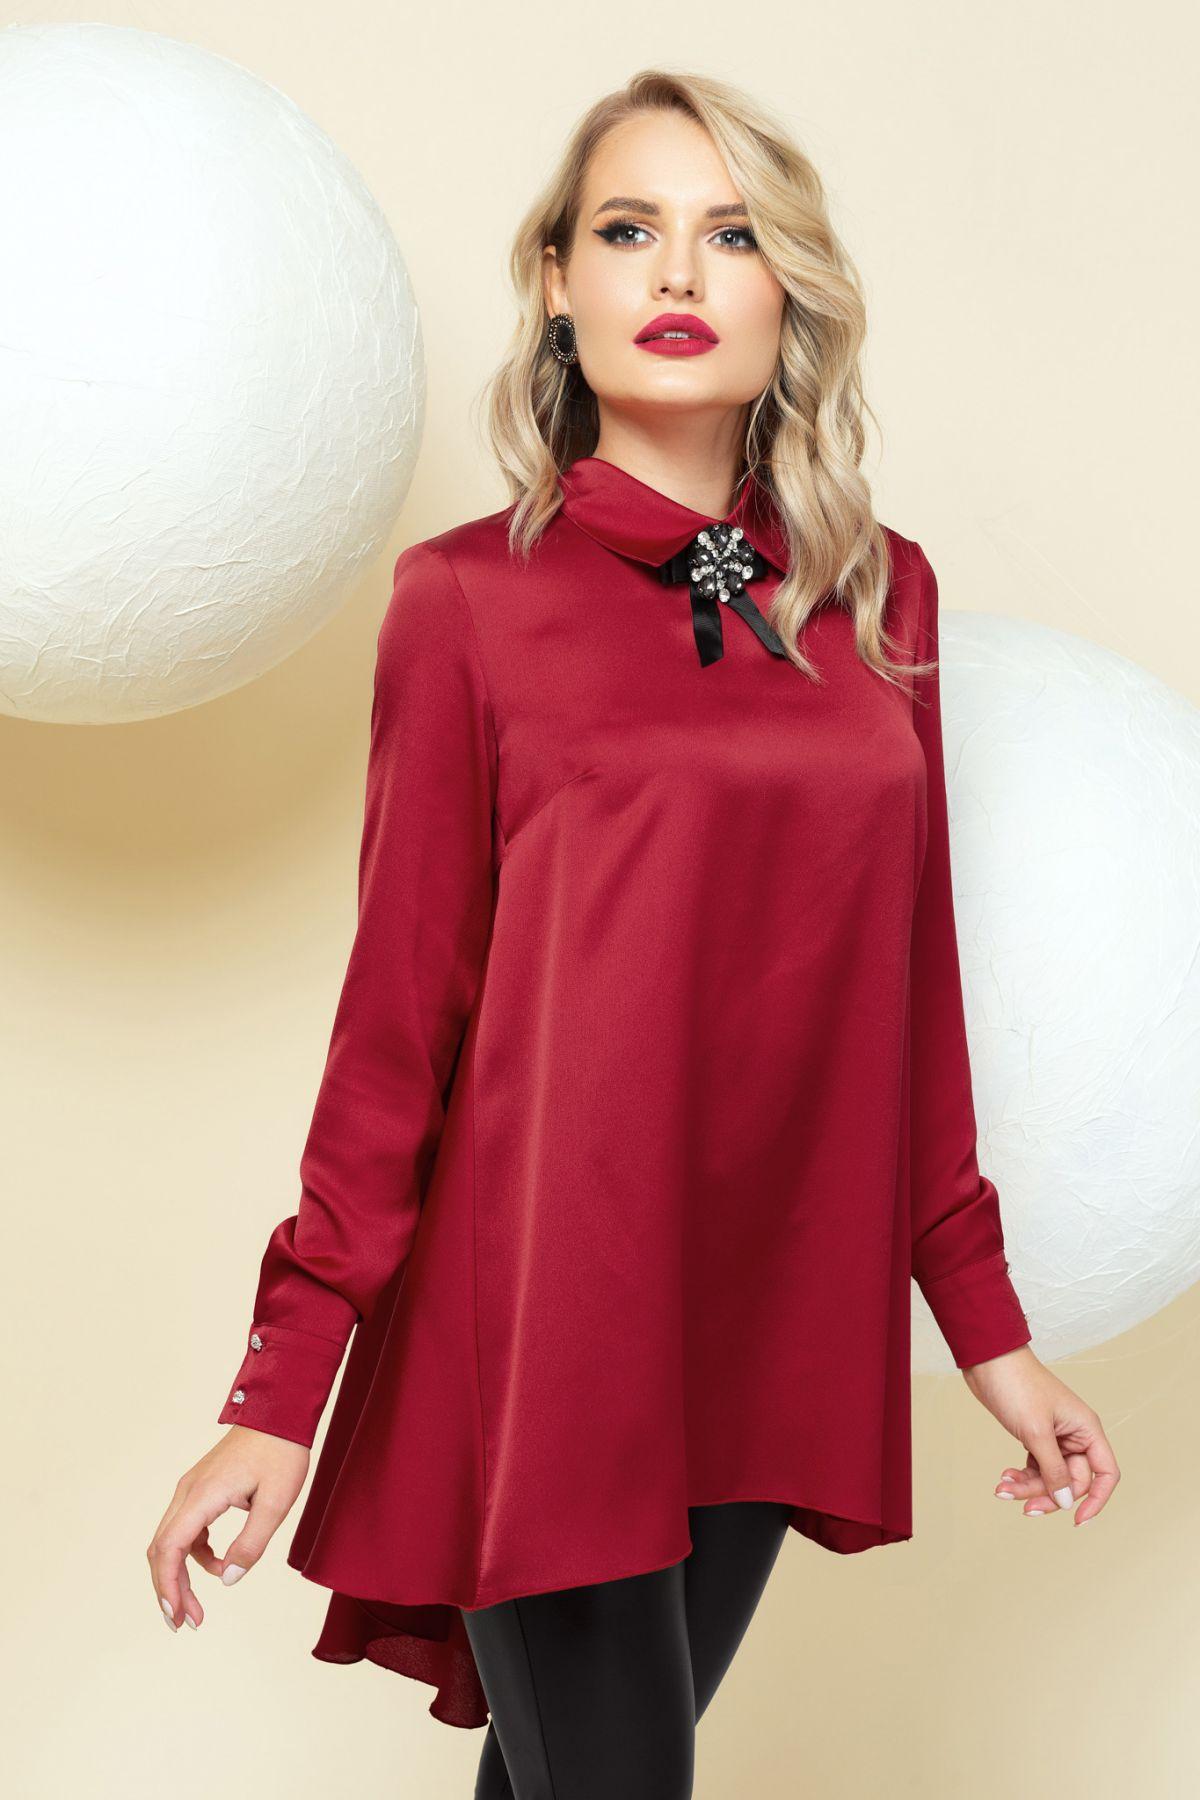 Bluza Pretty Girl rosu rubin asimetrica accesorizata cu brosa